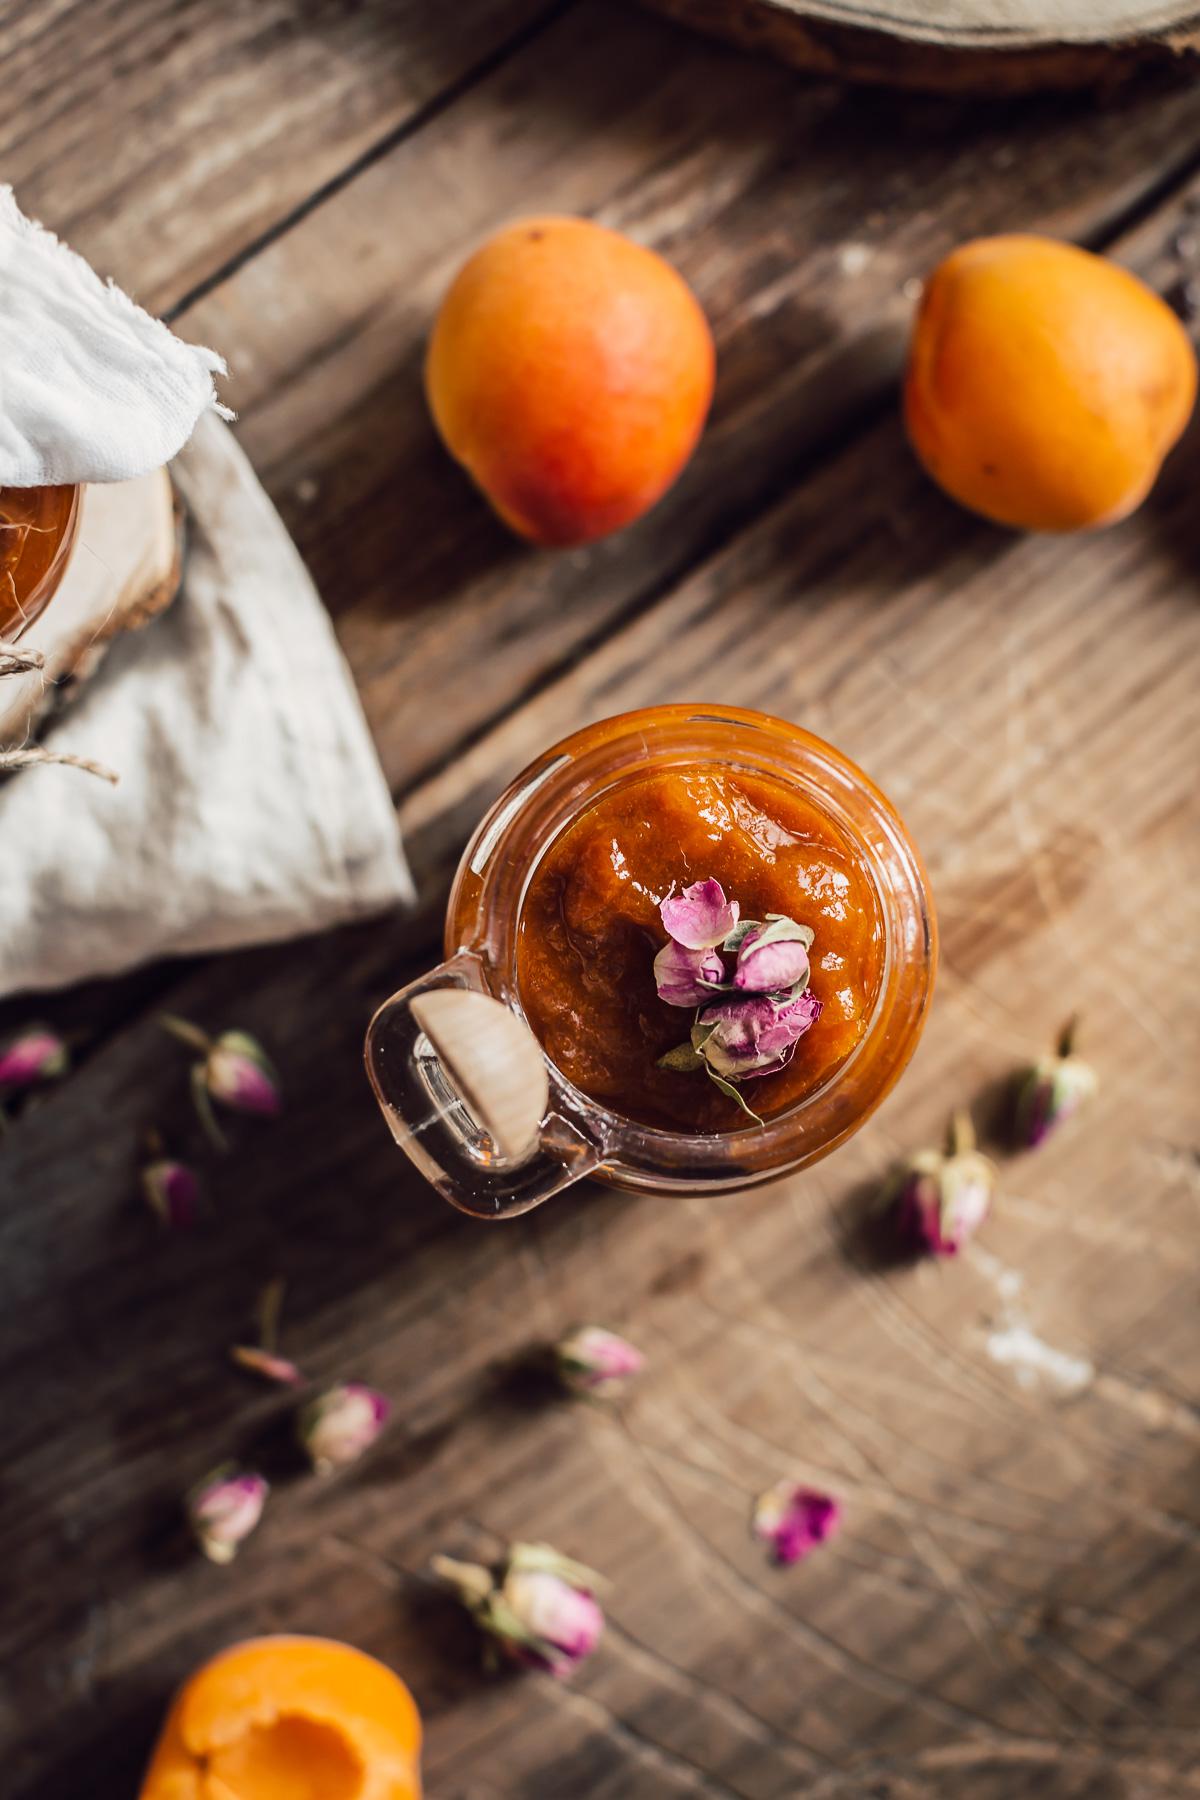 refined sugar free APRICOT JAM with maple syrup and Damascena Rose #vegan ricetta marmellata CONFETTURA di ALBICOCCHE e sciroppo d acero alle rose di Damasco senza zucchero raffinato